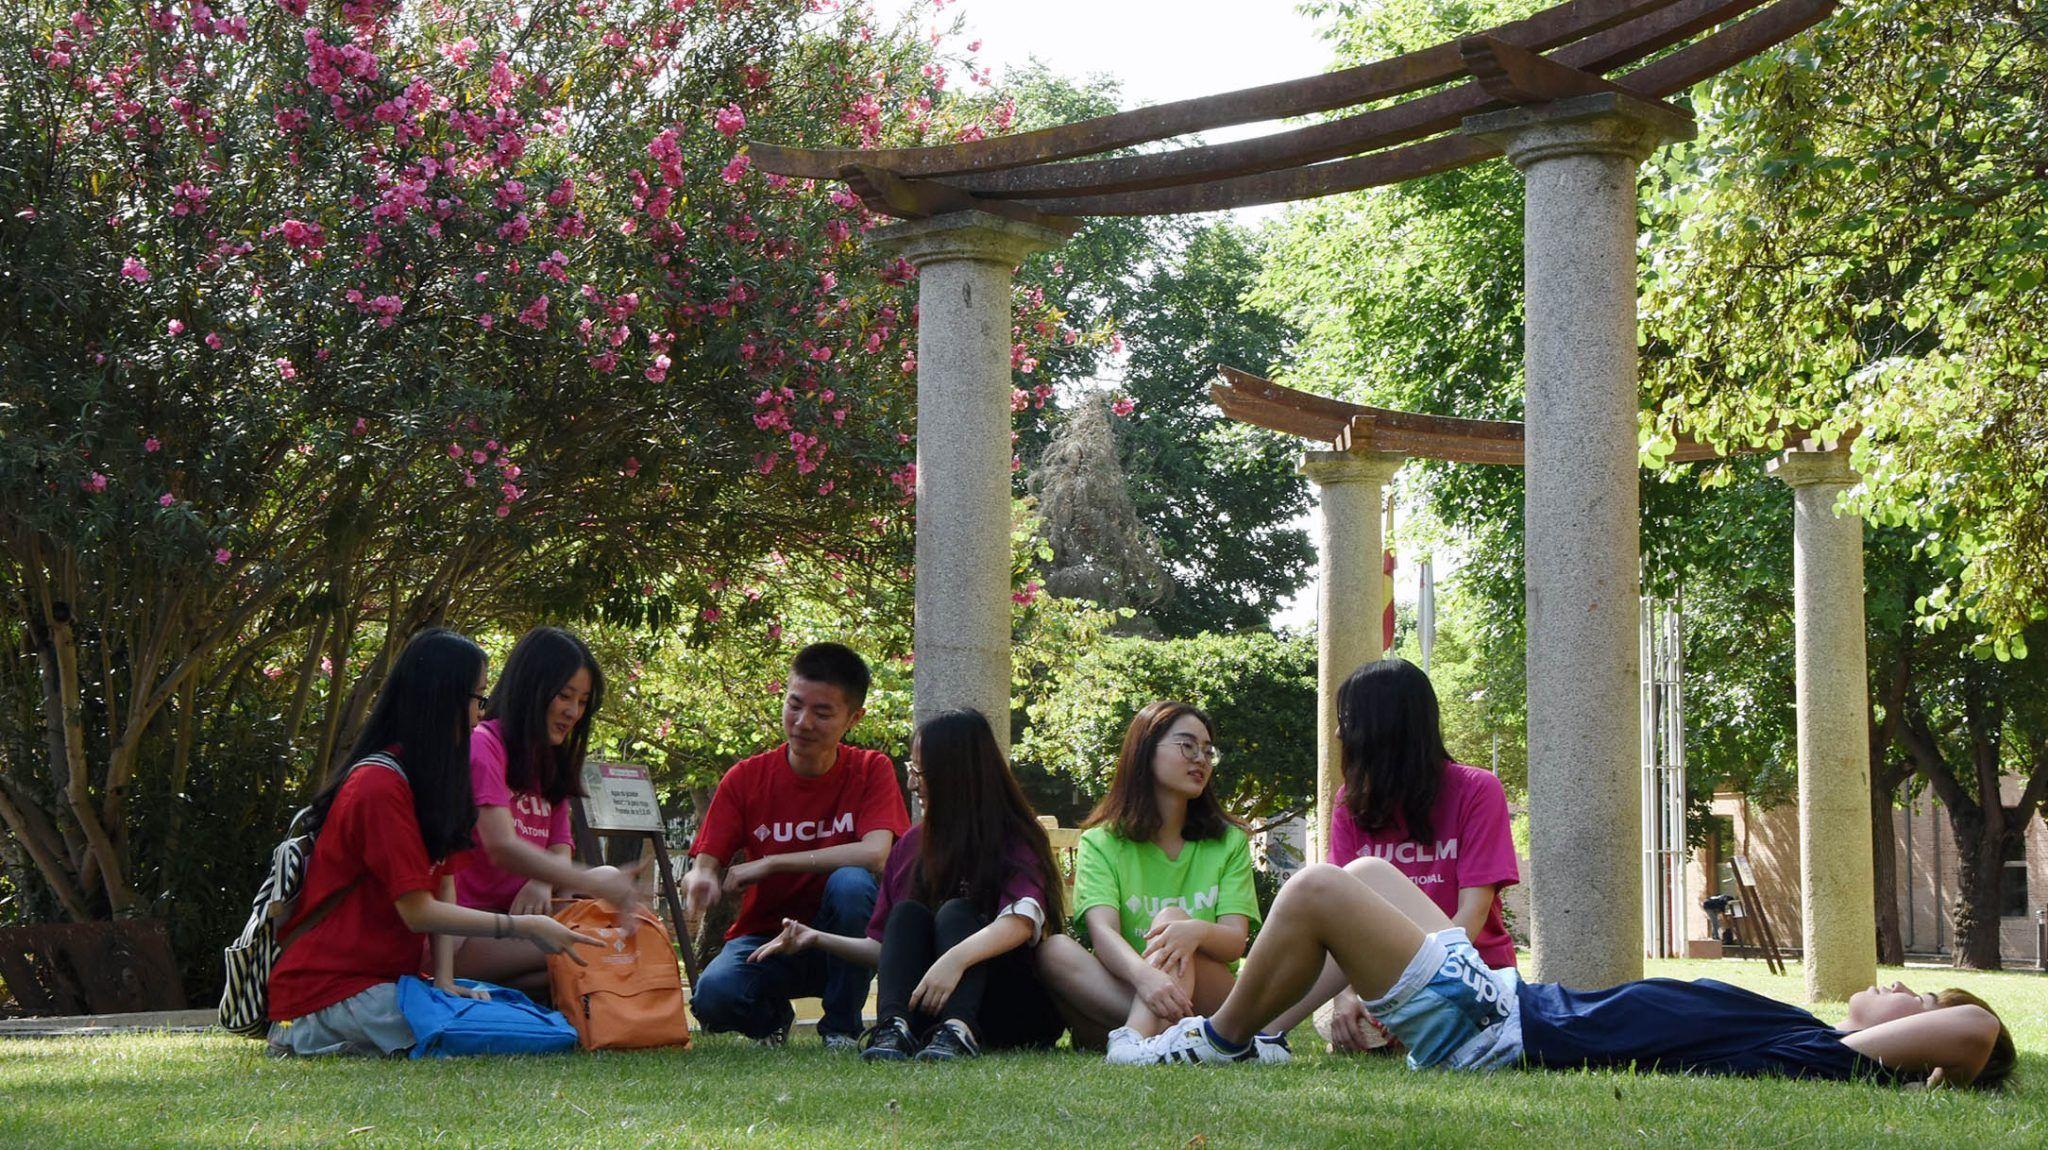 La UCLM celebrará el 29 de noviembre en Toledo el 7º Día del Estudiante Internacional